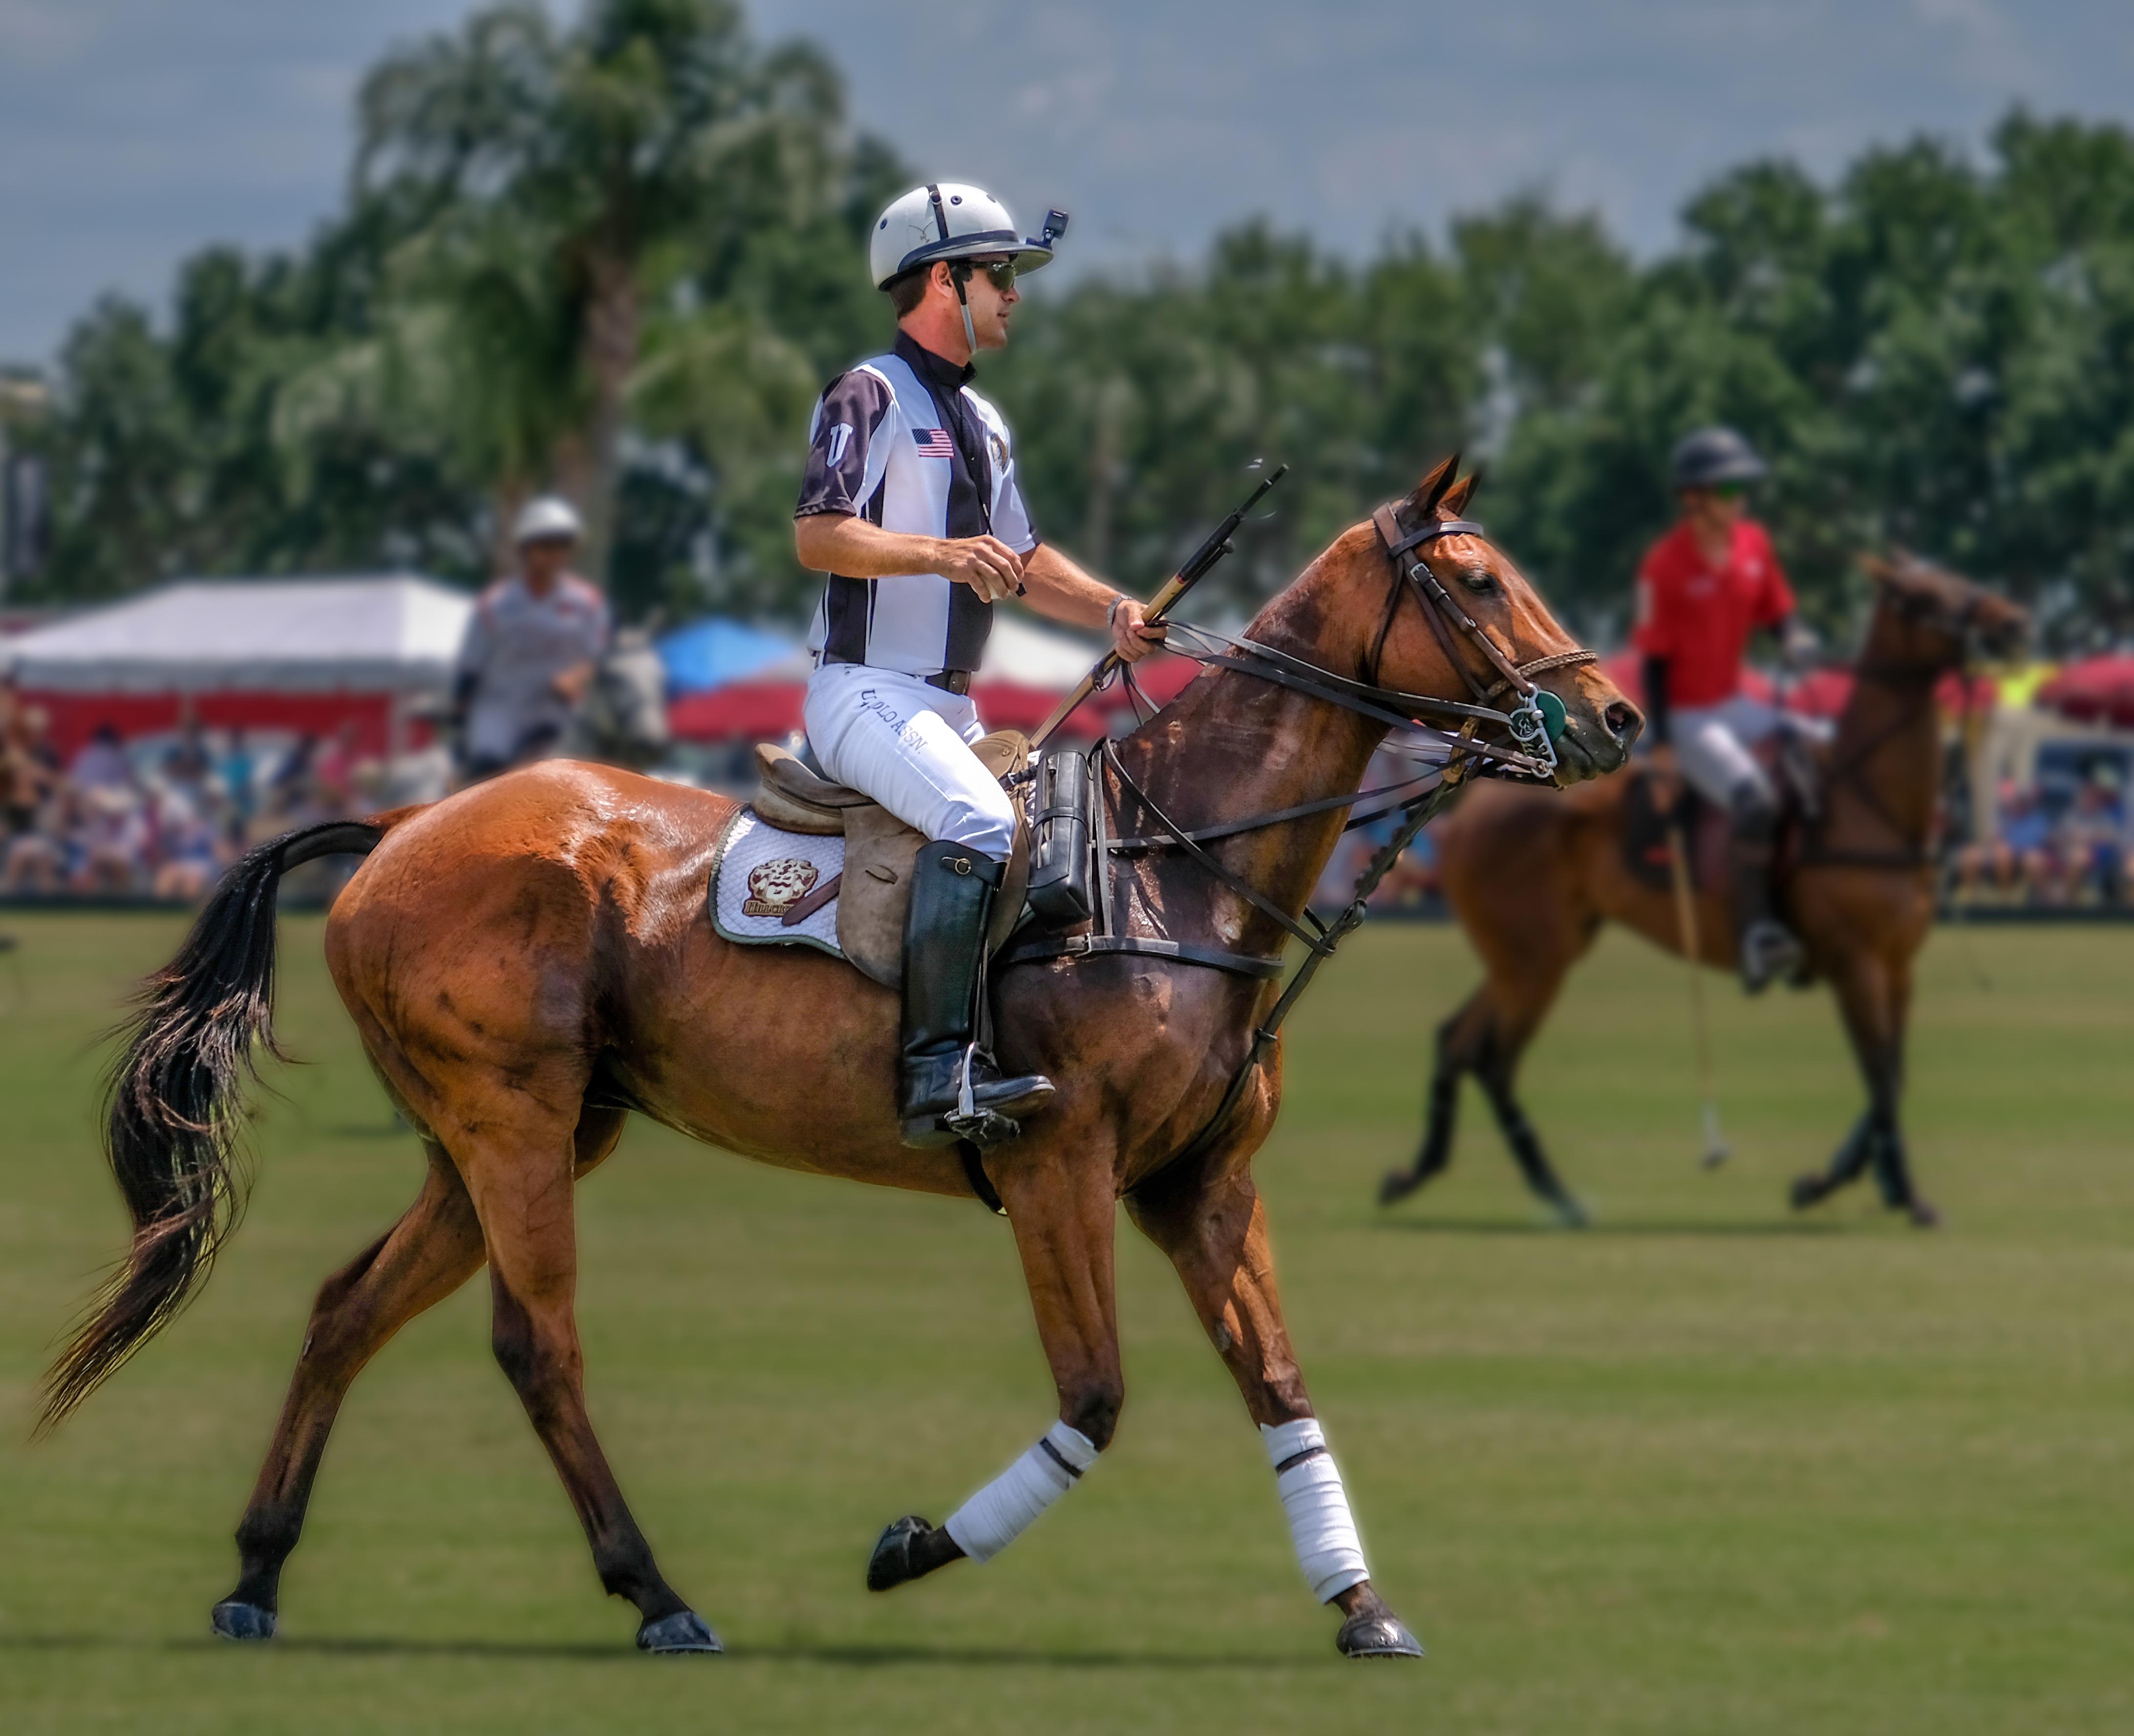 003-Umpire-Jamie-Mirikitani-02